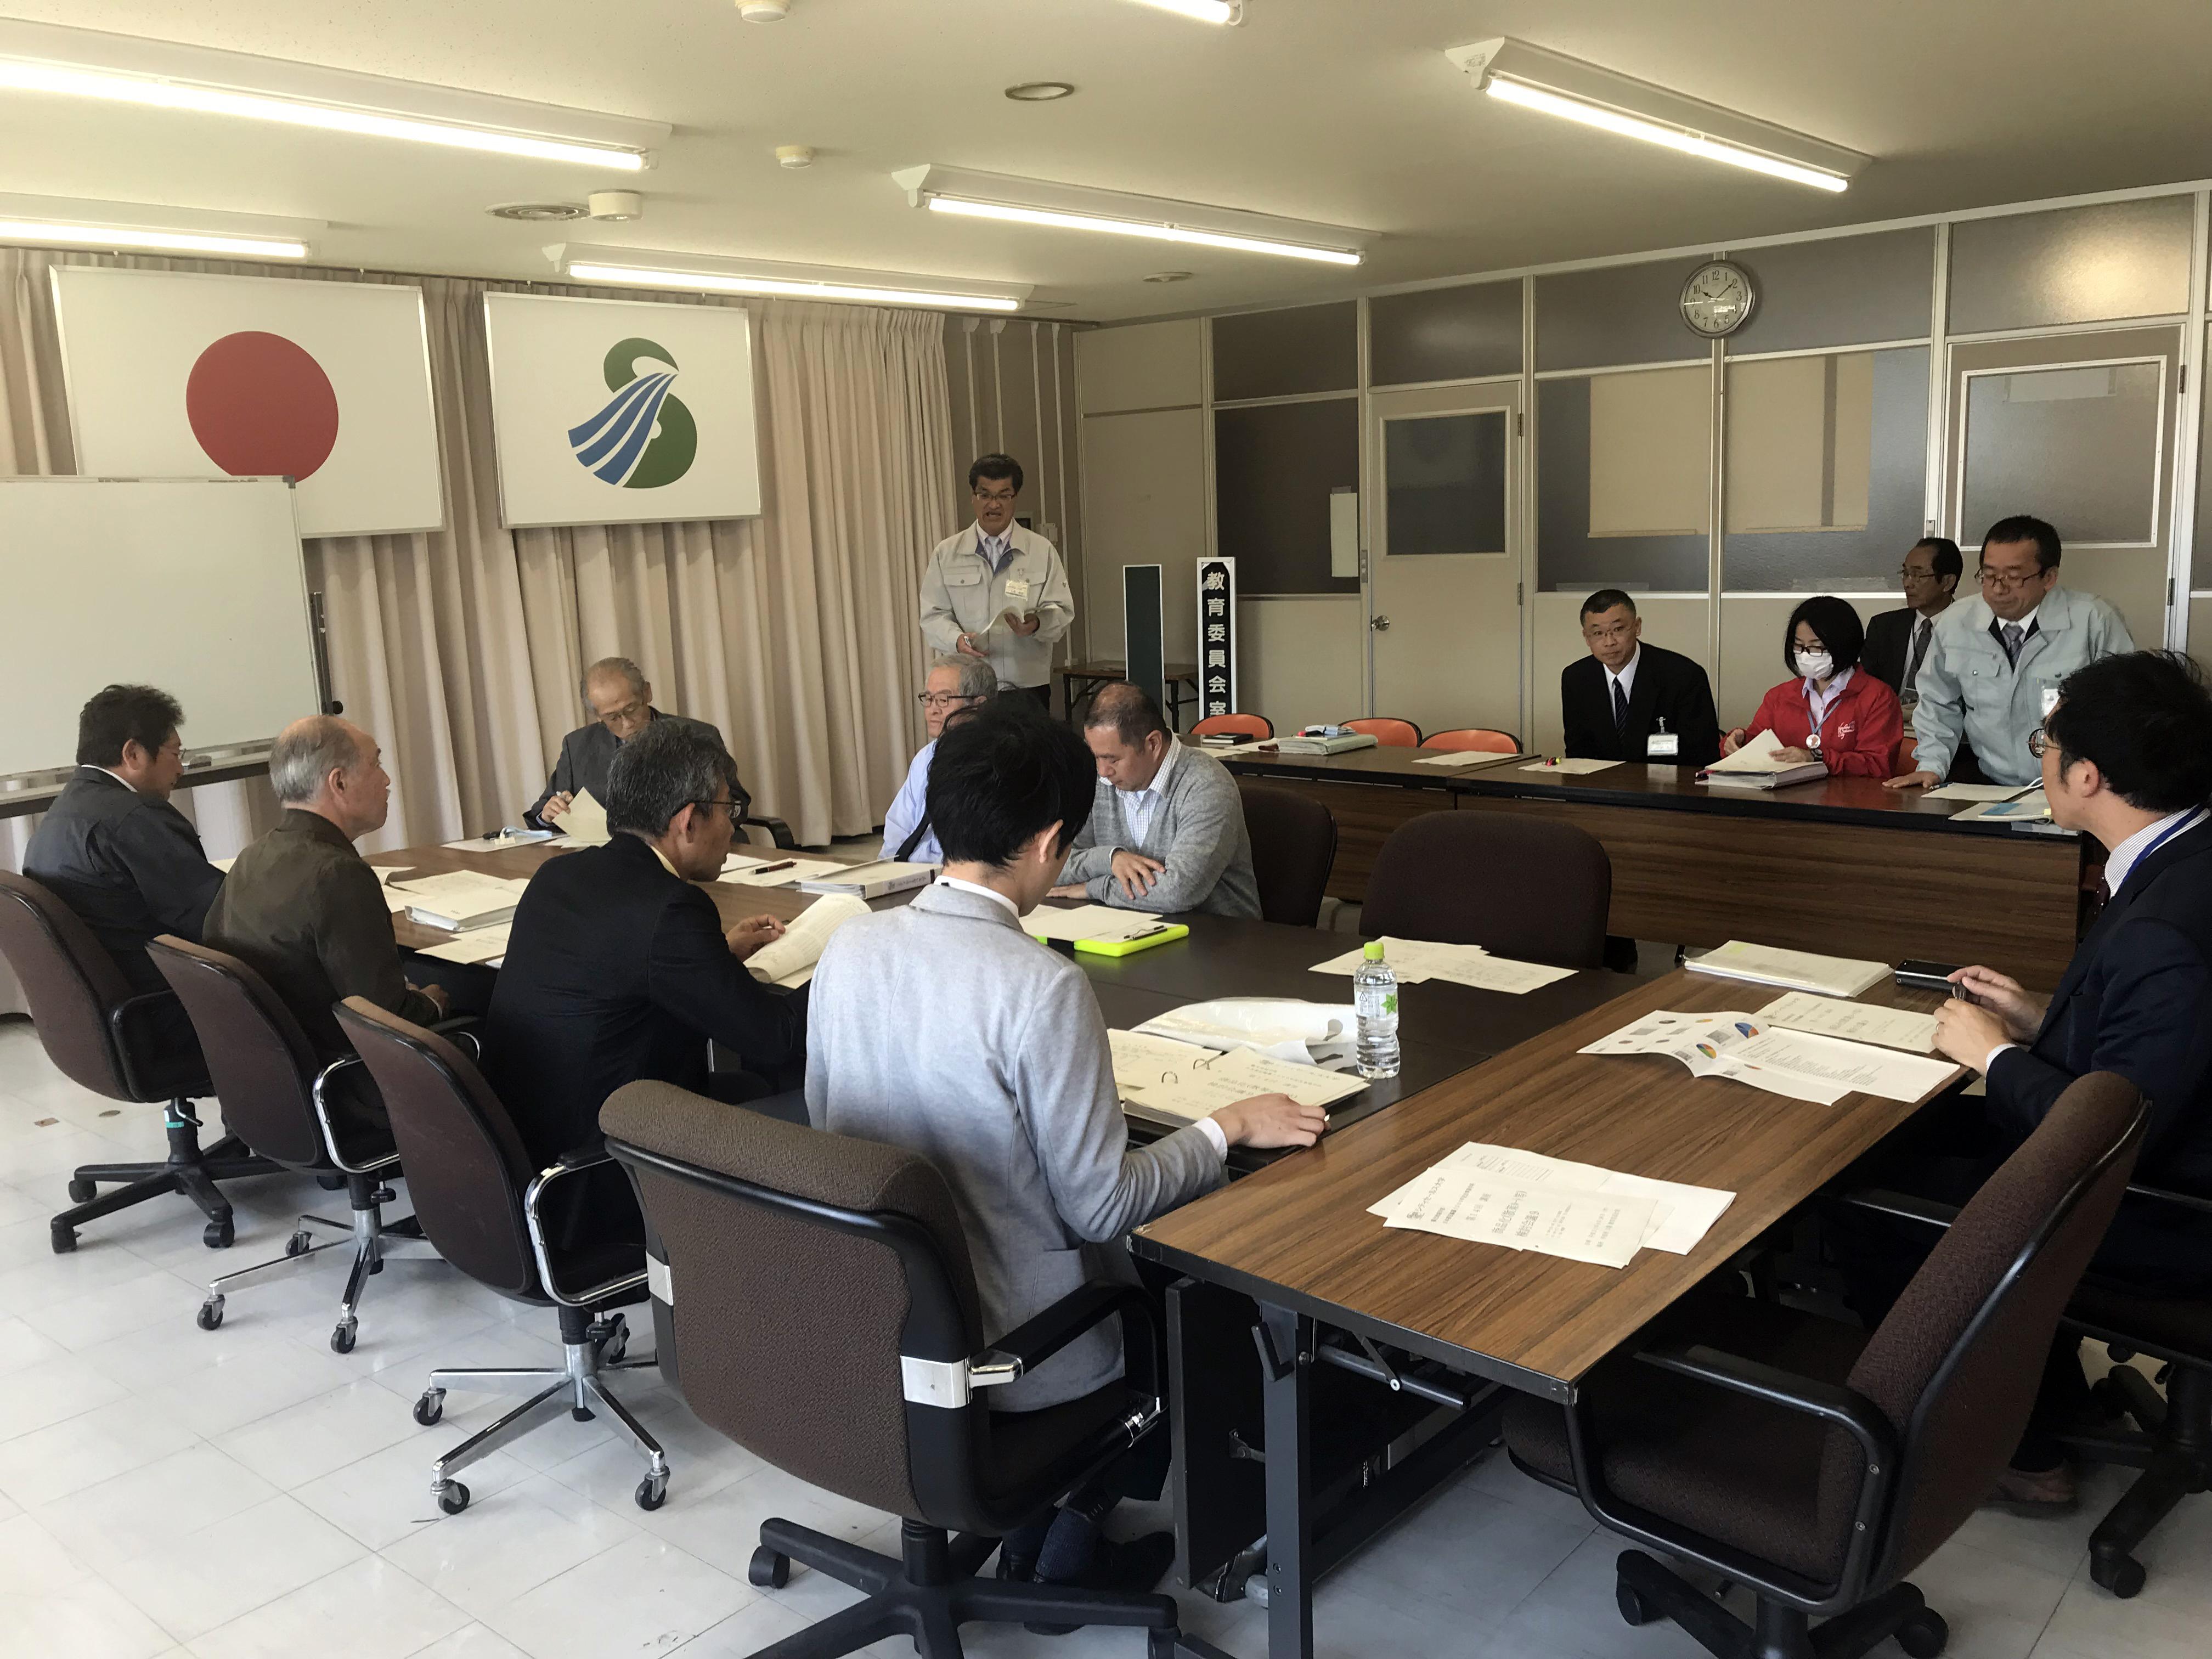 日本書紀編纂1300年記念事業学科 第17回講座のご案内